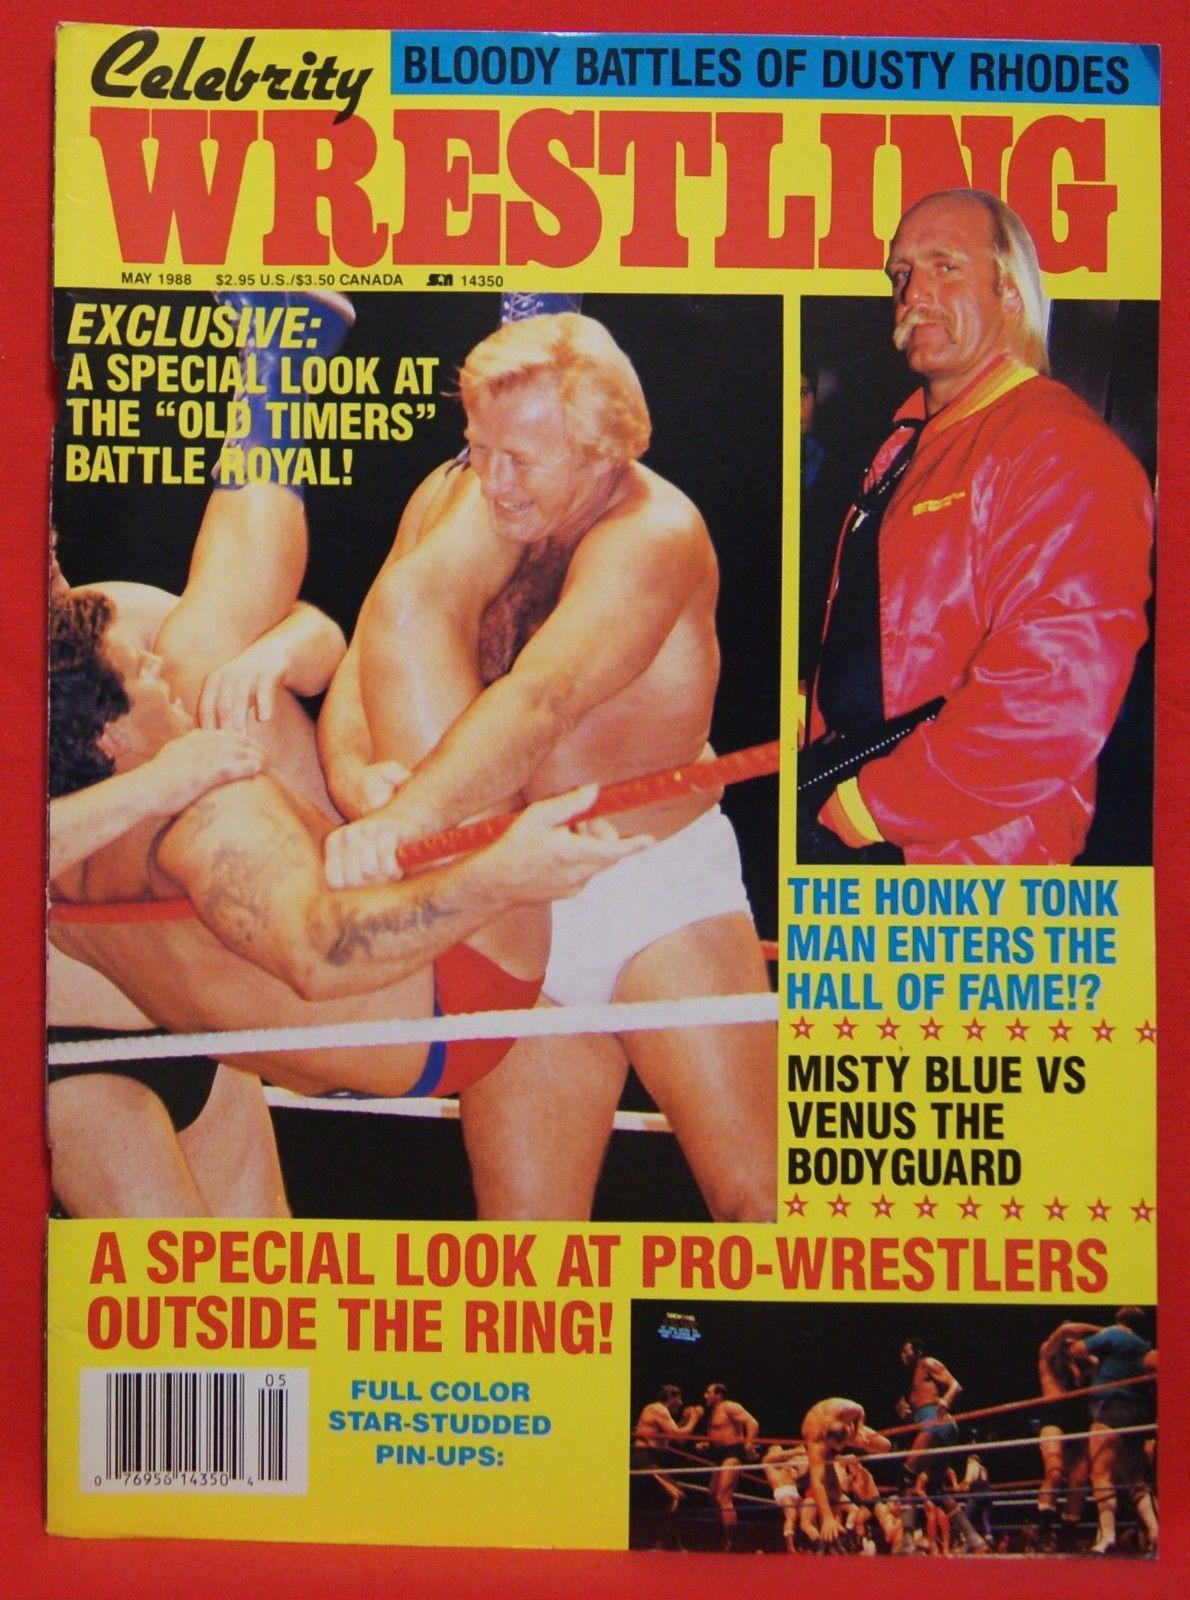 Celebrity Wrestling - May 1988